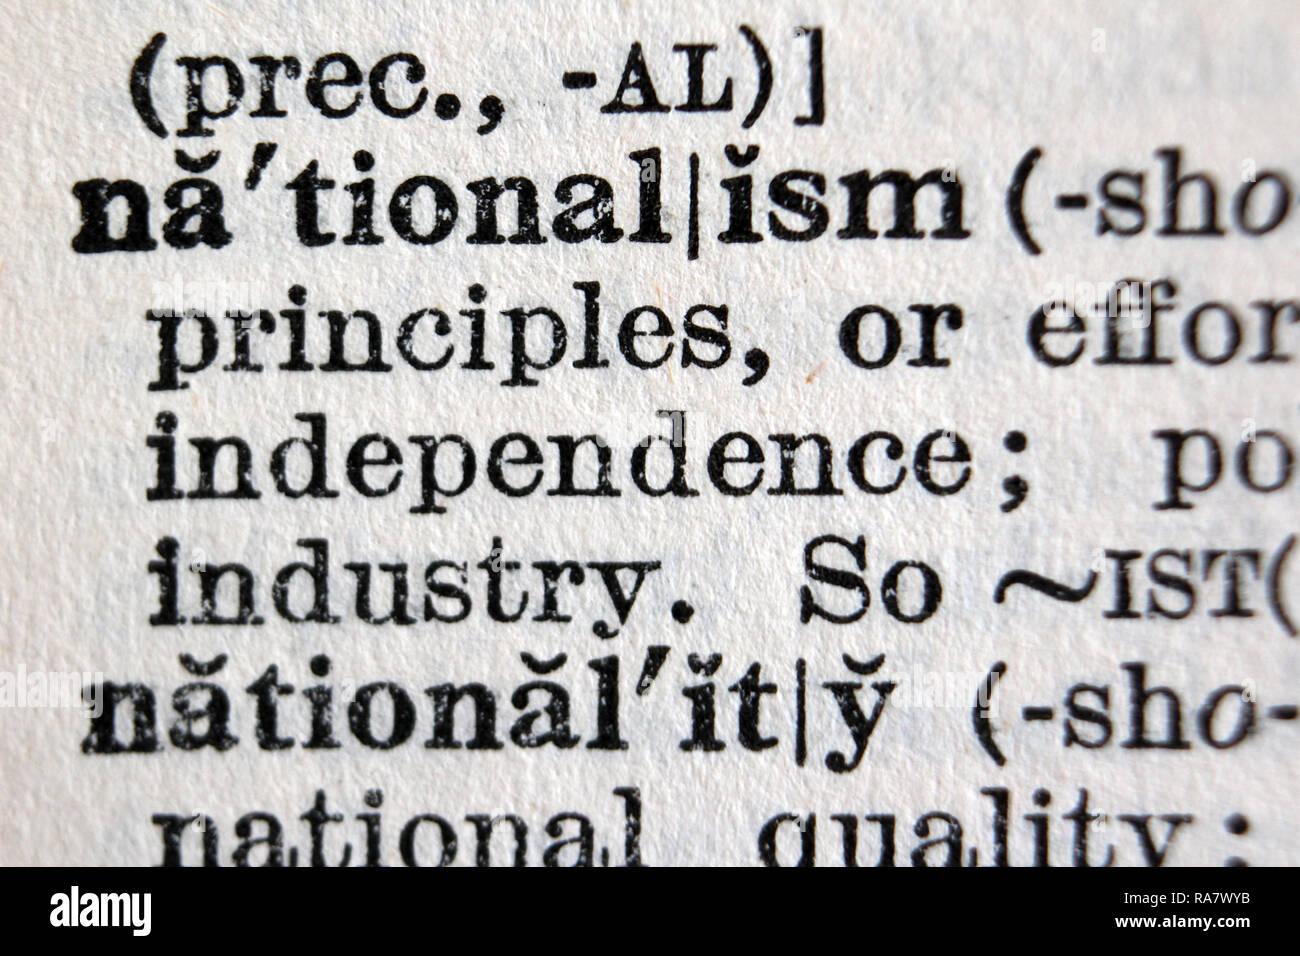 Le nationalisme et la nationalité mots bold sur Oxford English Dictionary, concept, Close up Photo Stock